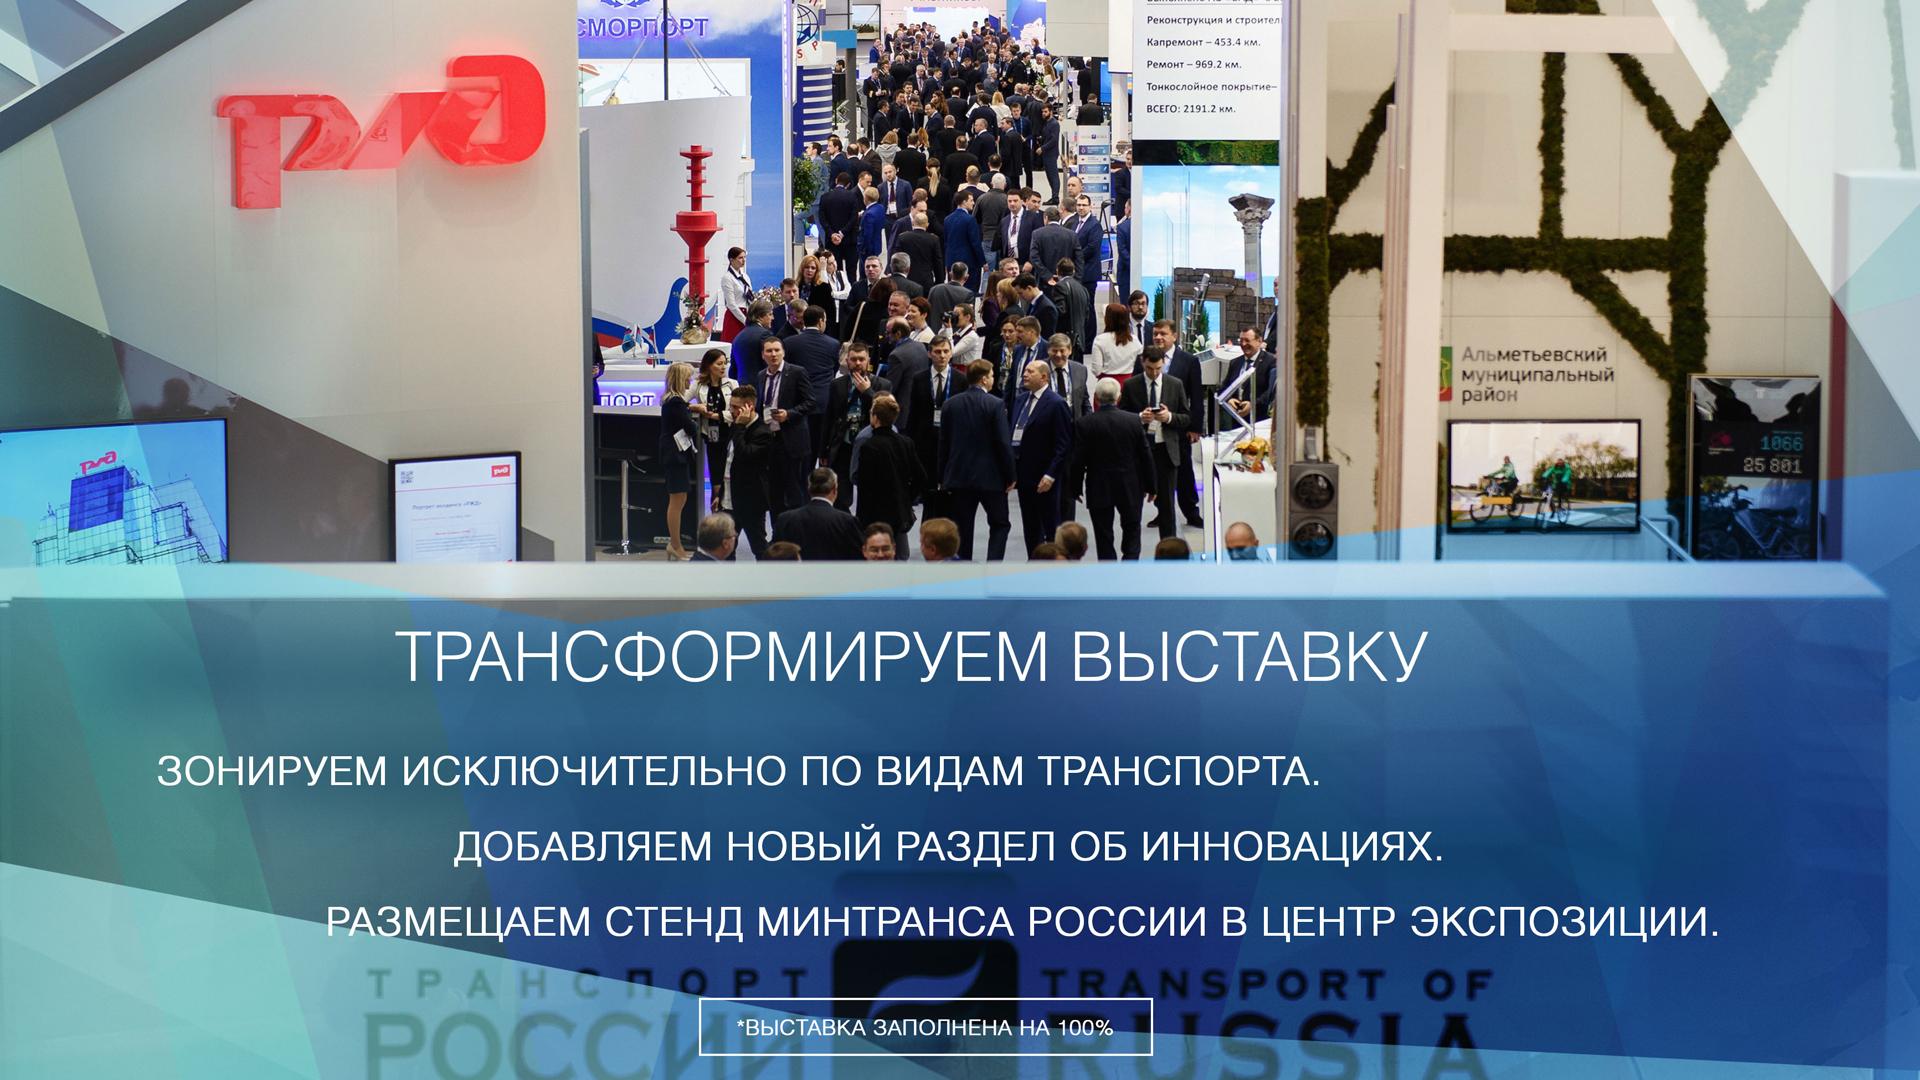 presentation_ru-7